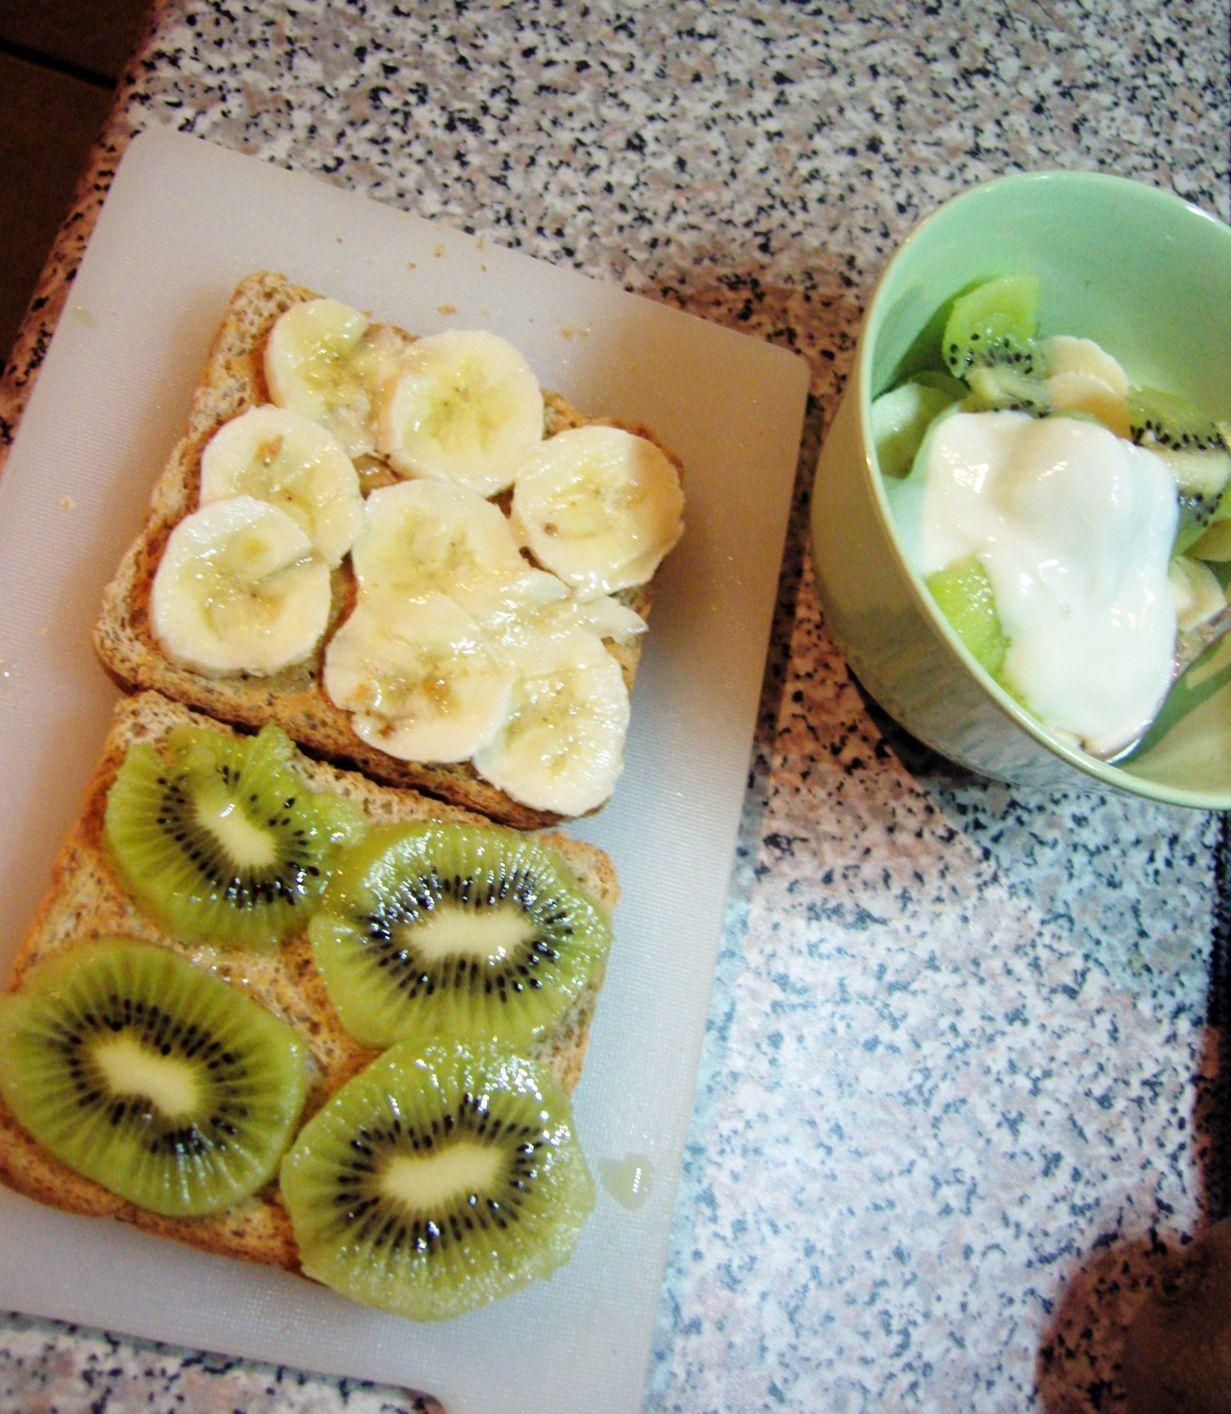 Warum eigentlich immer nur Gemüse auf's Brot? Nikushimii zeigt, dass es auch anders geht.